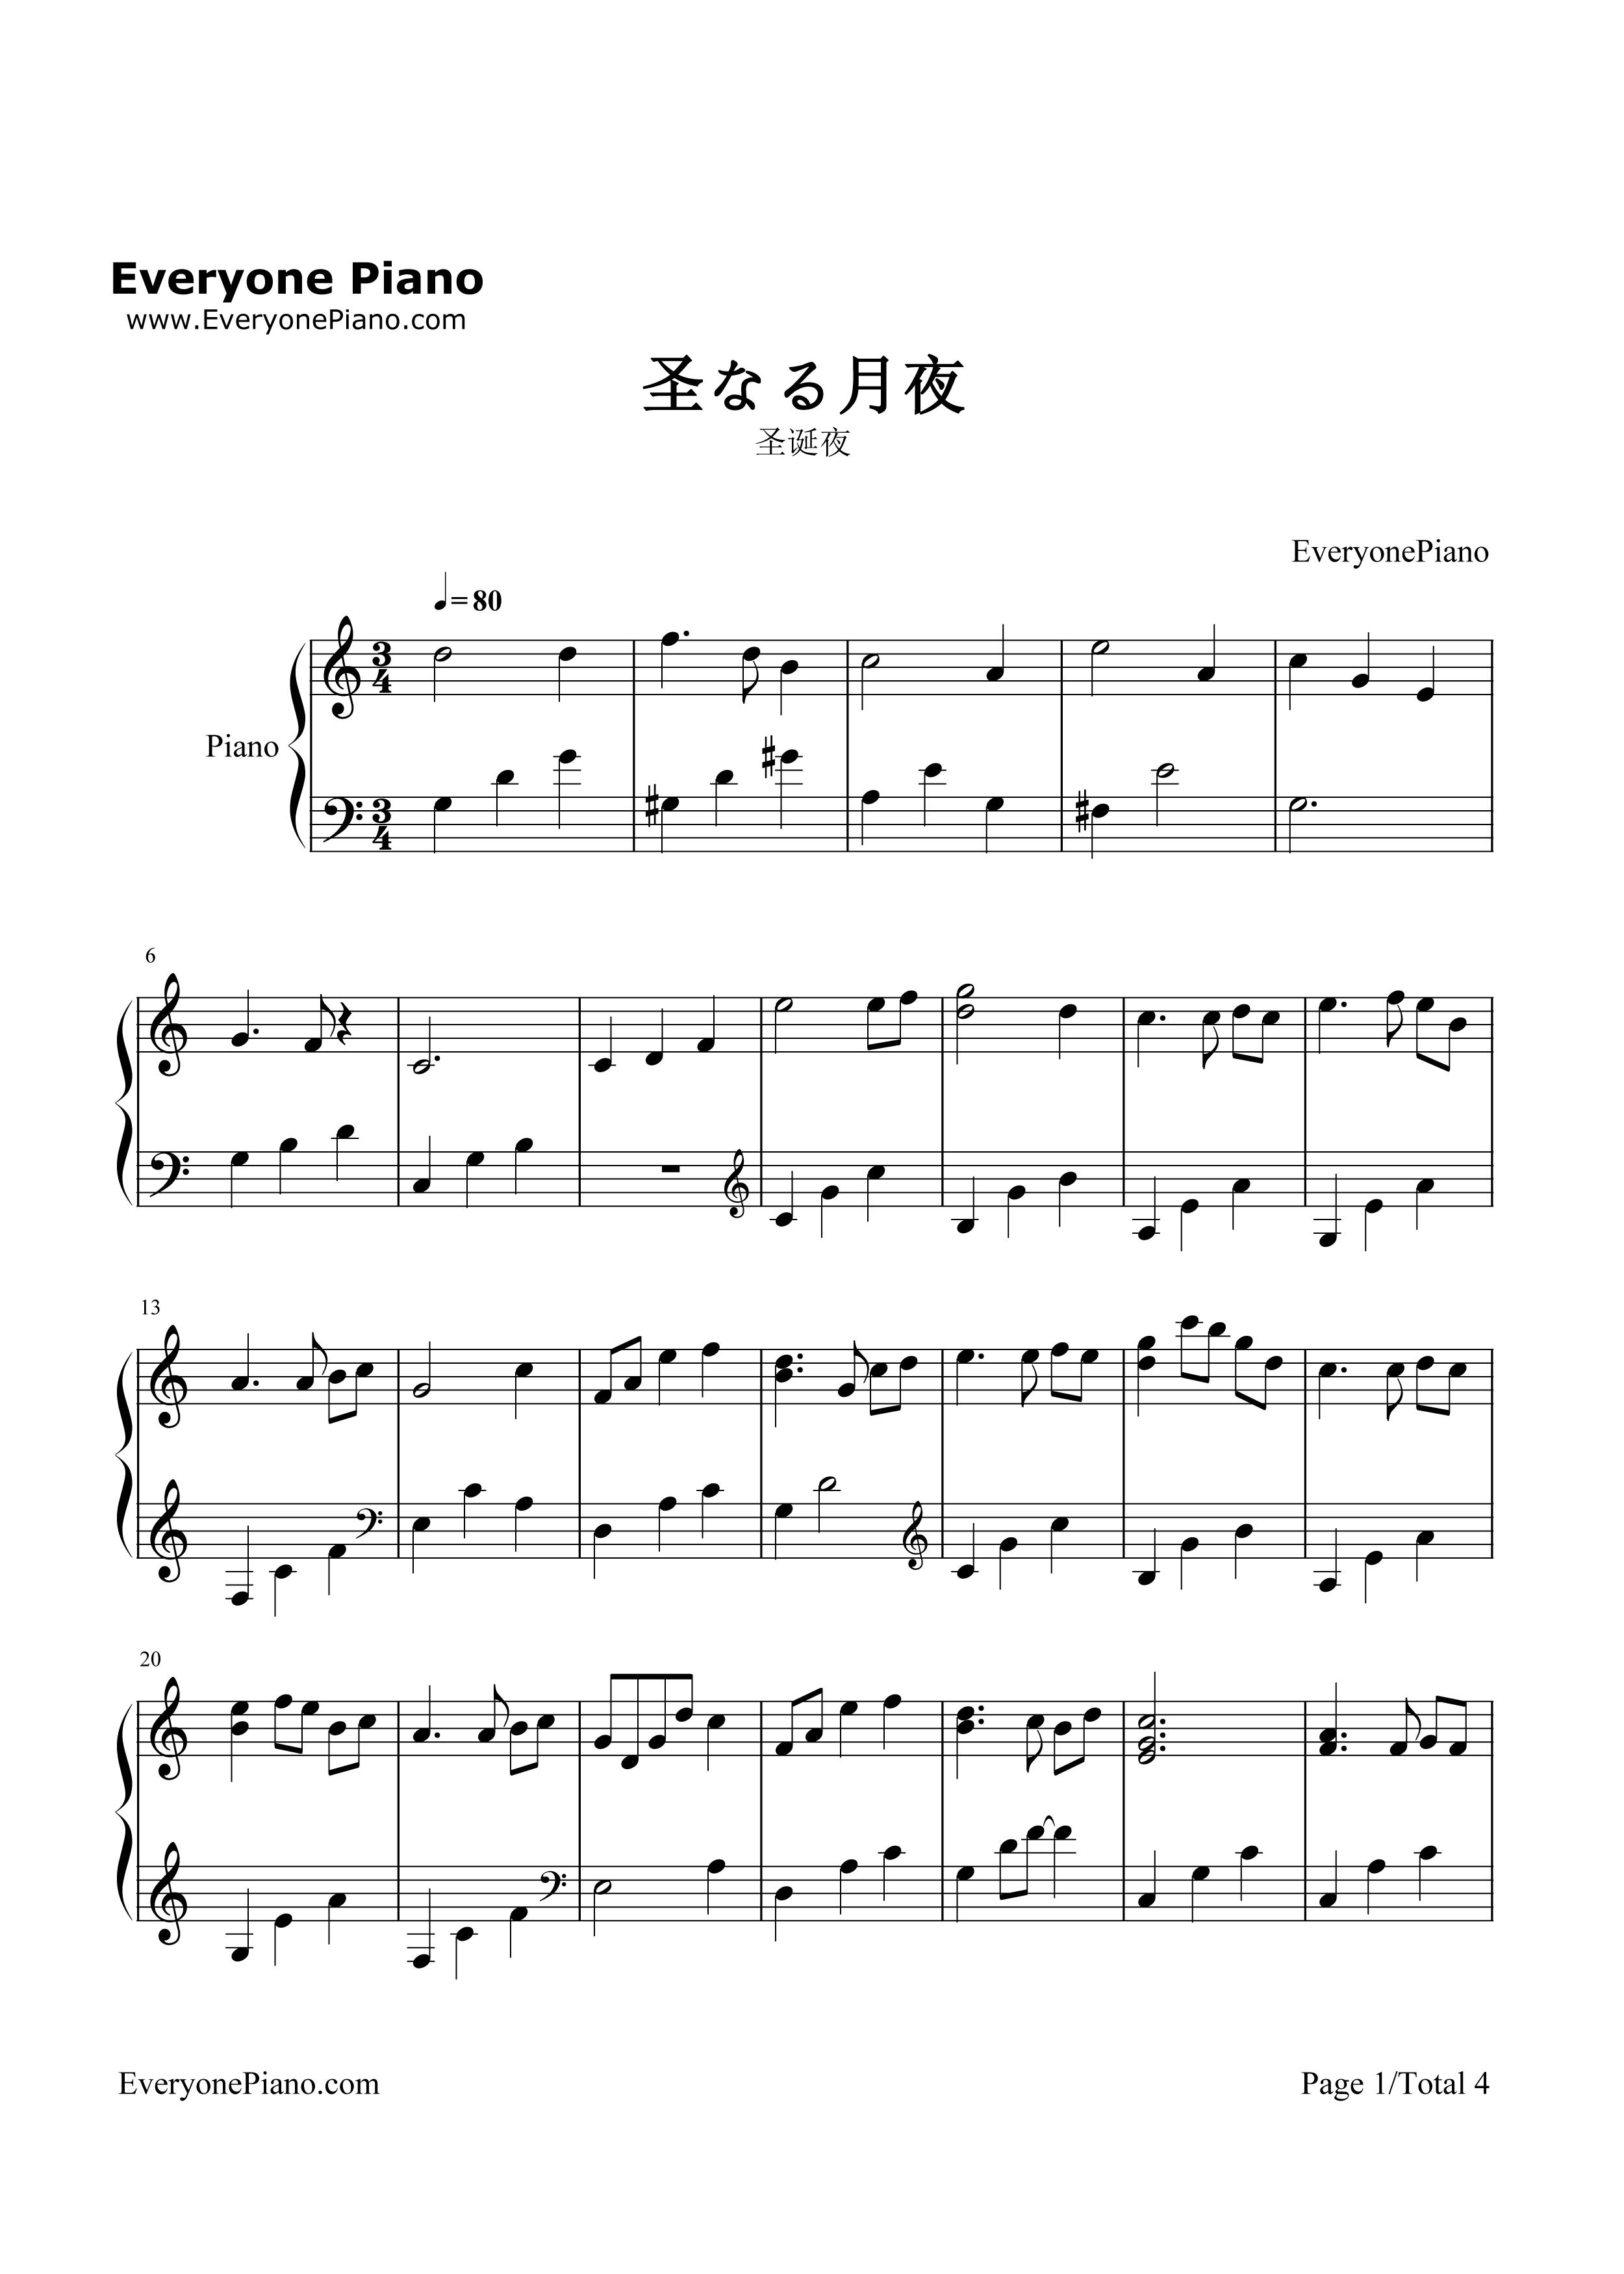 圣なる月夜-圣诞夜-圣诞歌曲五线谱预览1-钢琴谱(,)